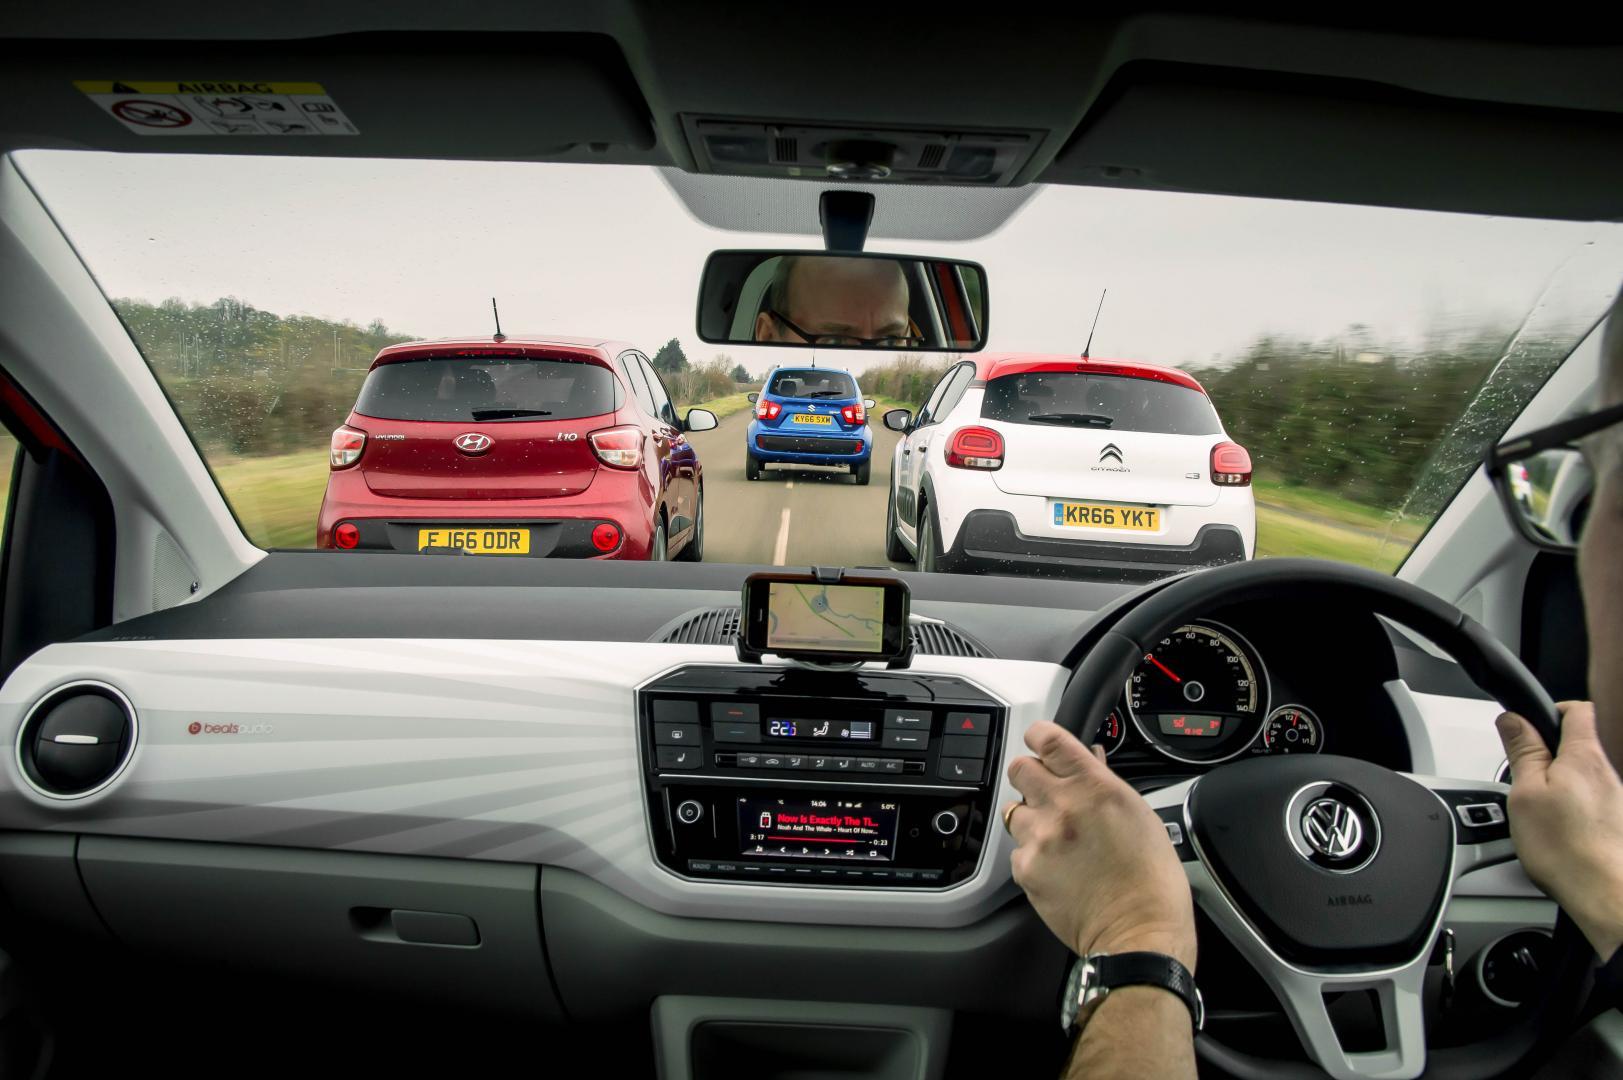 Welke kleine auto is het beste? We testen vier stadsauto's - TopGear